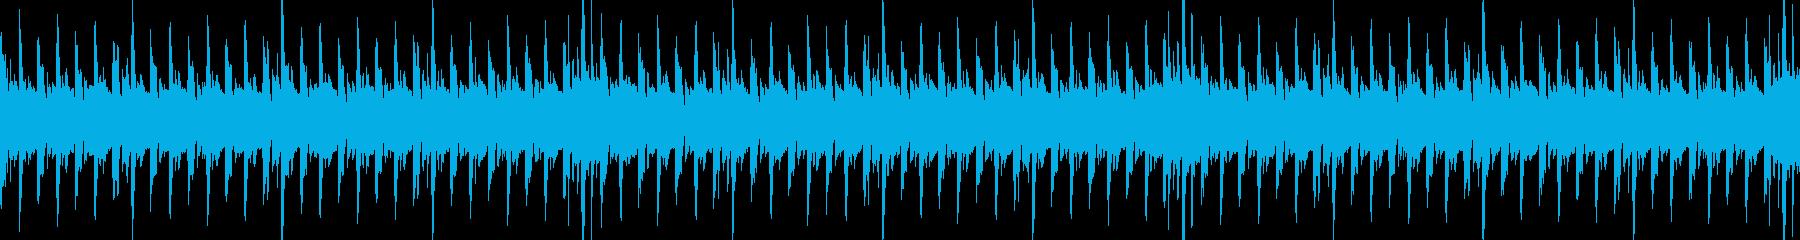 キックドラムとベースラインからカラ...の再生済みの波形